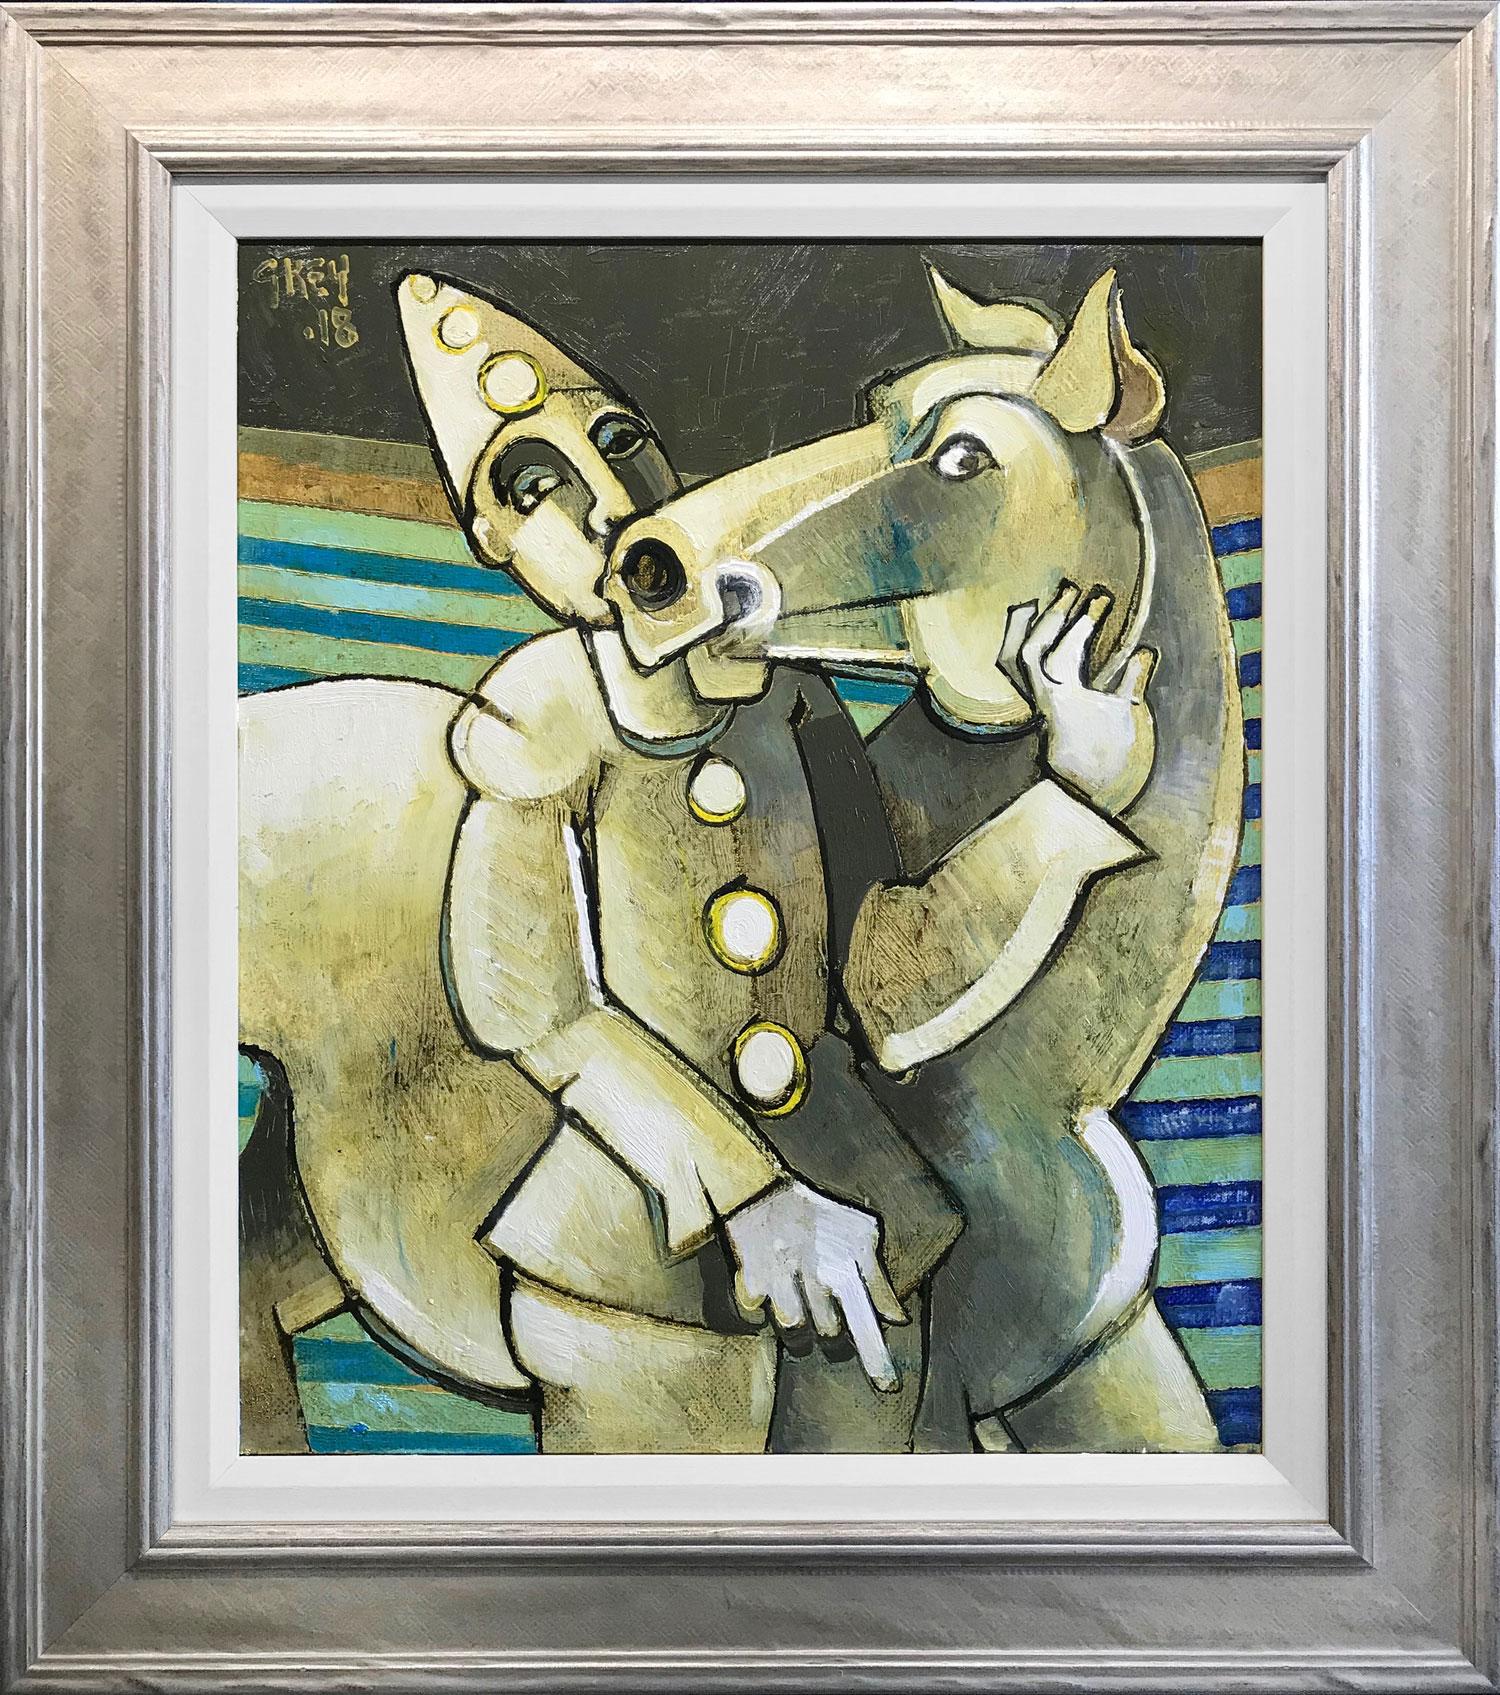 Geoffrey Key Pierrot with Horse